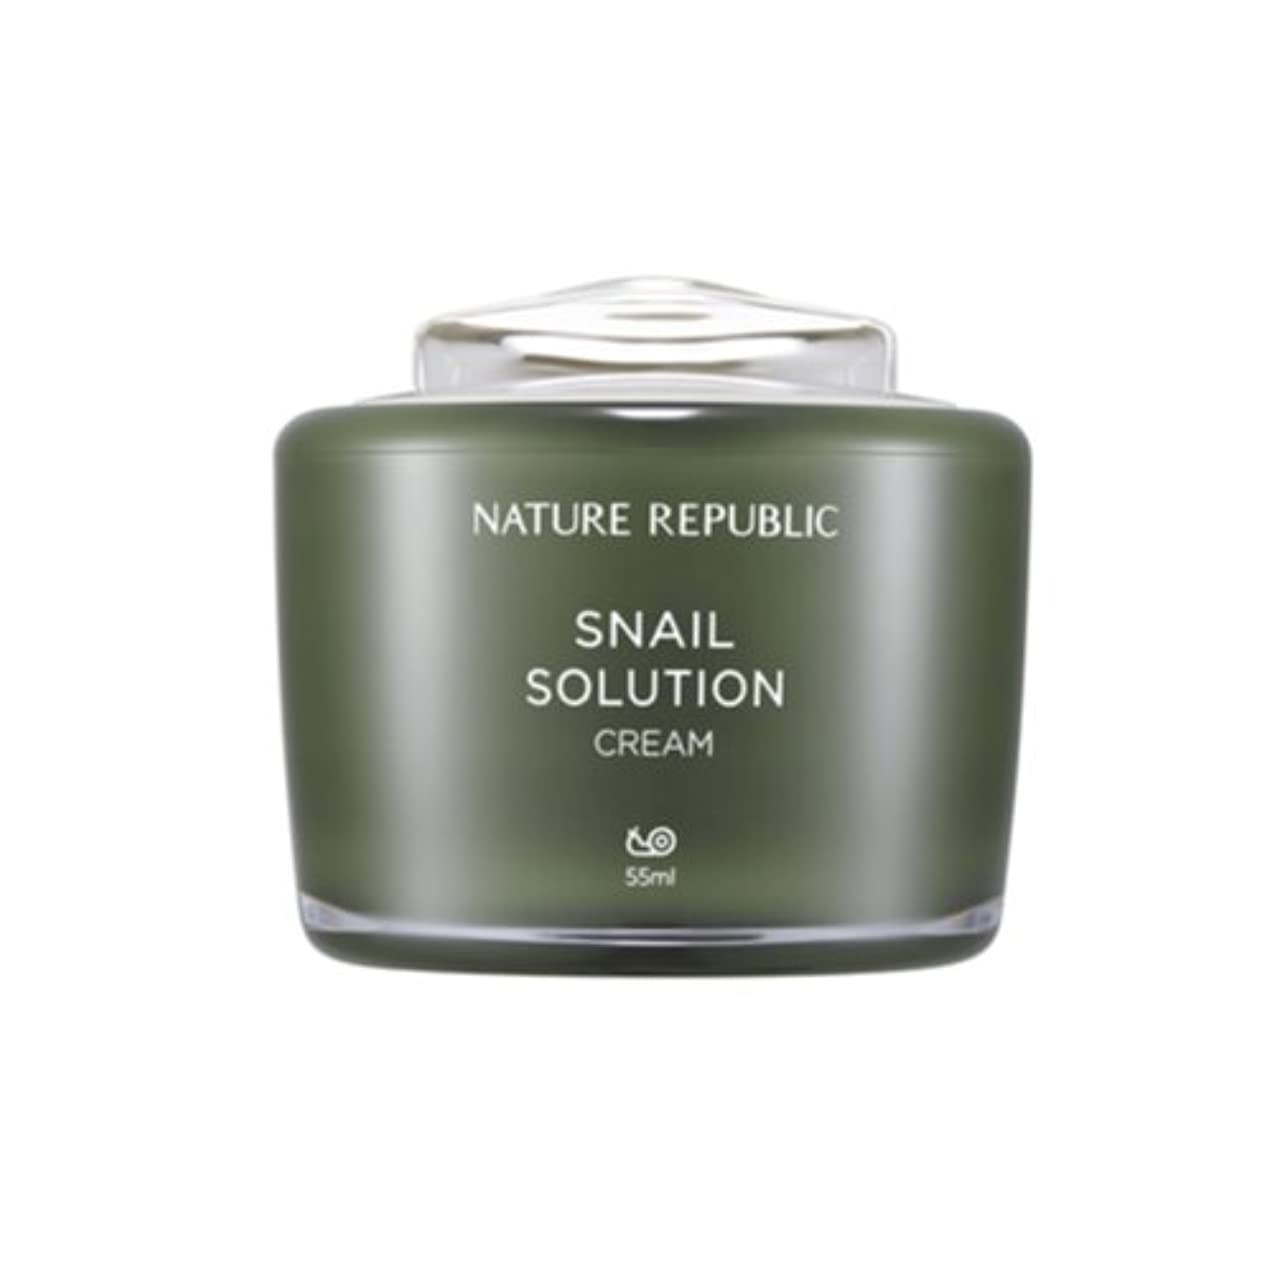 アンソロジー抵抗そして[ネイチャーリパブリック] Nature republicスネイルソリューションクリーム海外直送品(Snail Solution Cream) [並行輸入品]